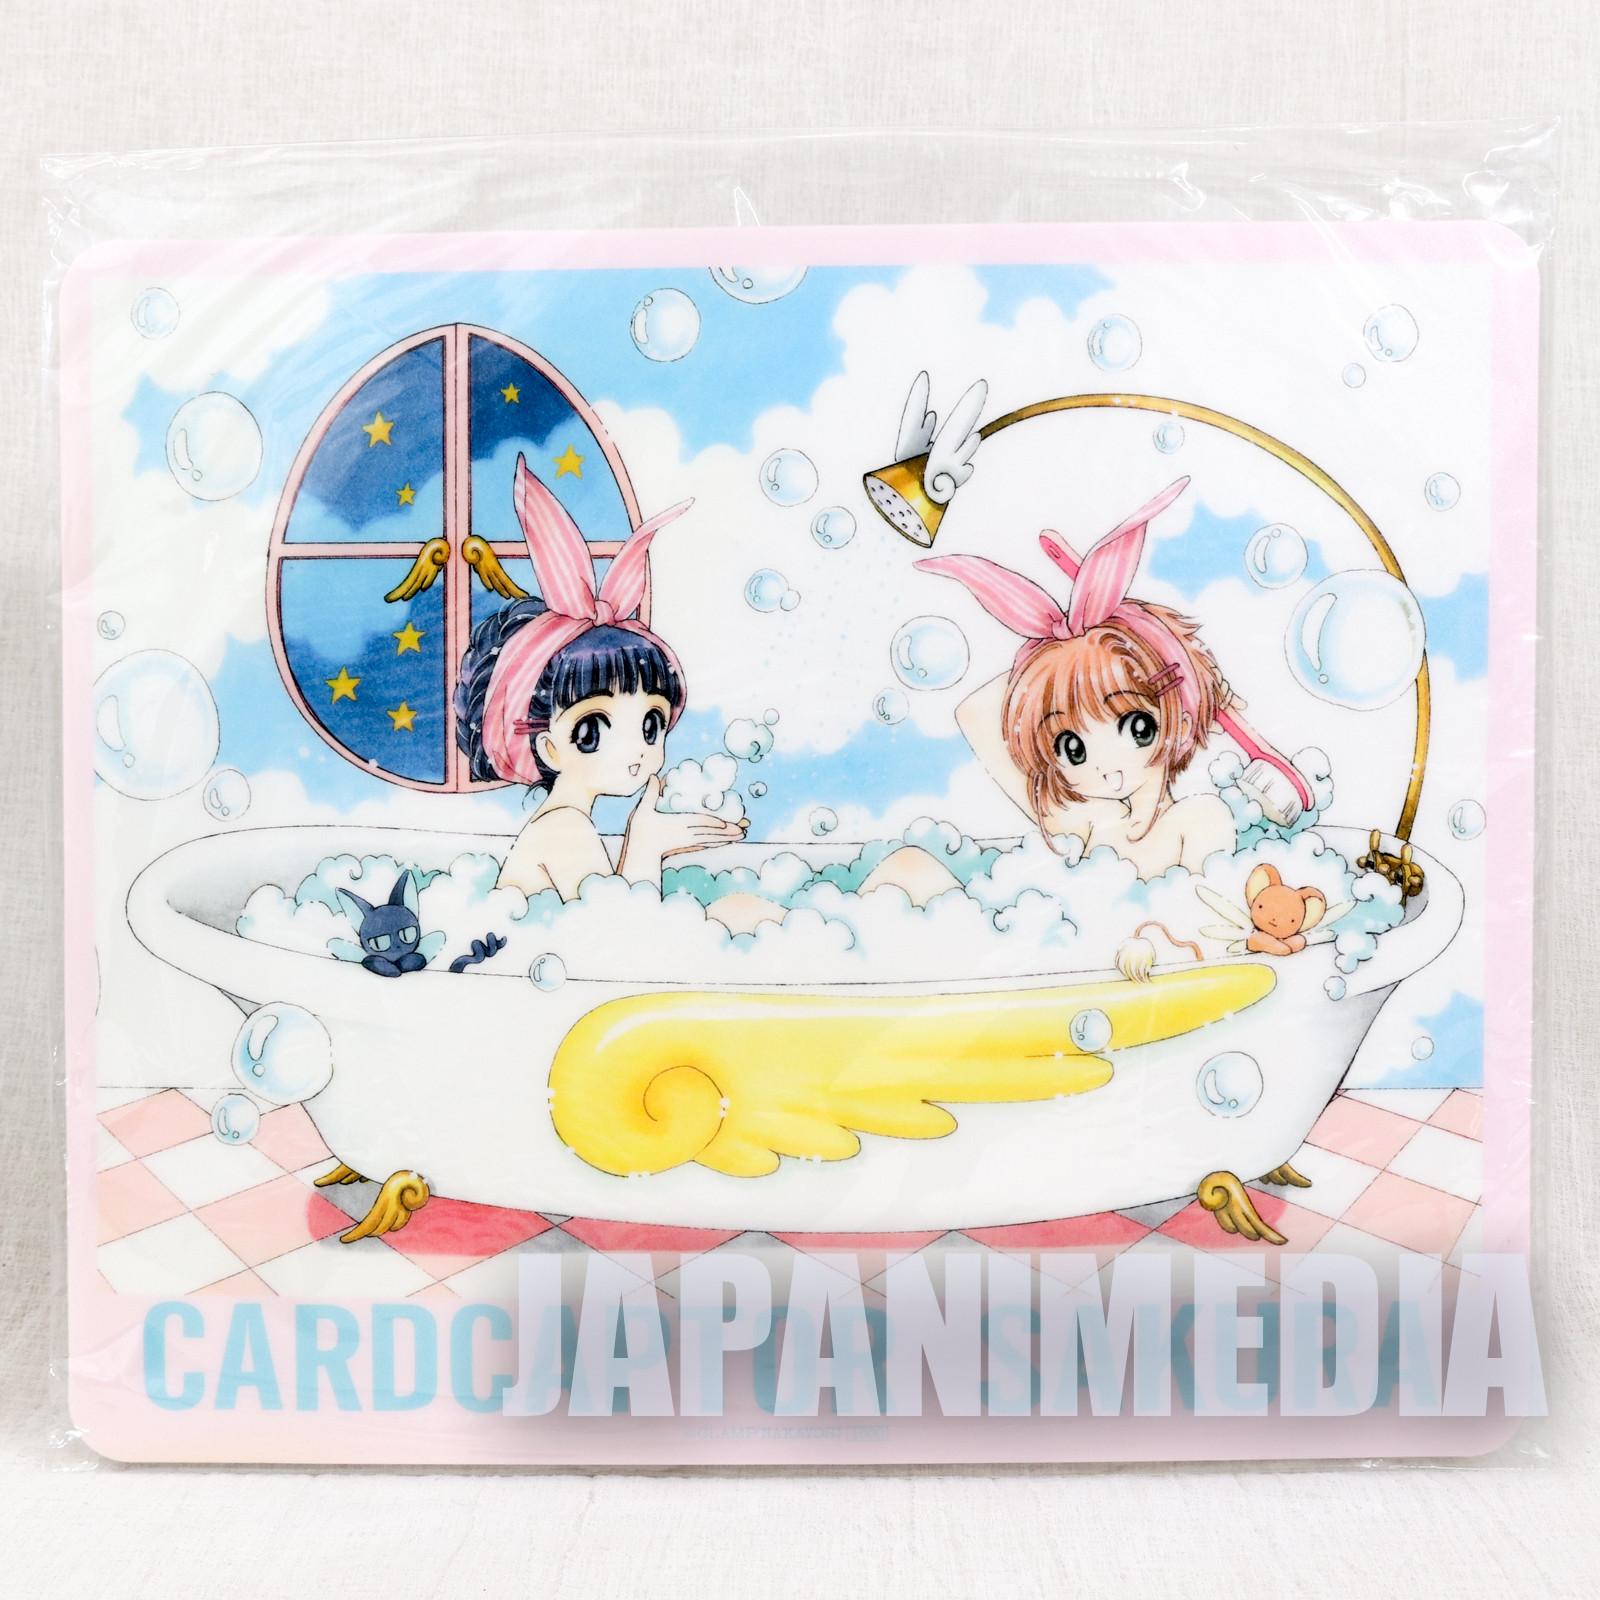 Cardcaptor Sakura Tomoyo Bathing Mouse Pad CLAMP JAPAN ANIME MANGA